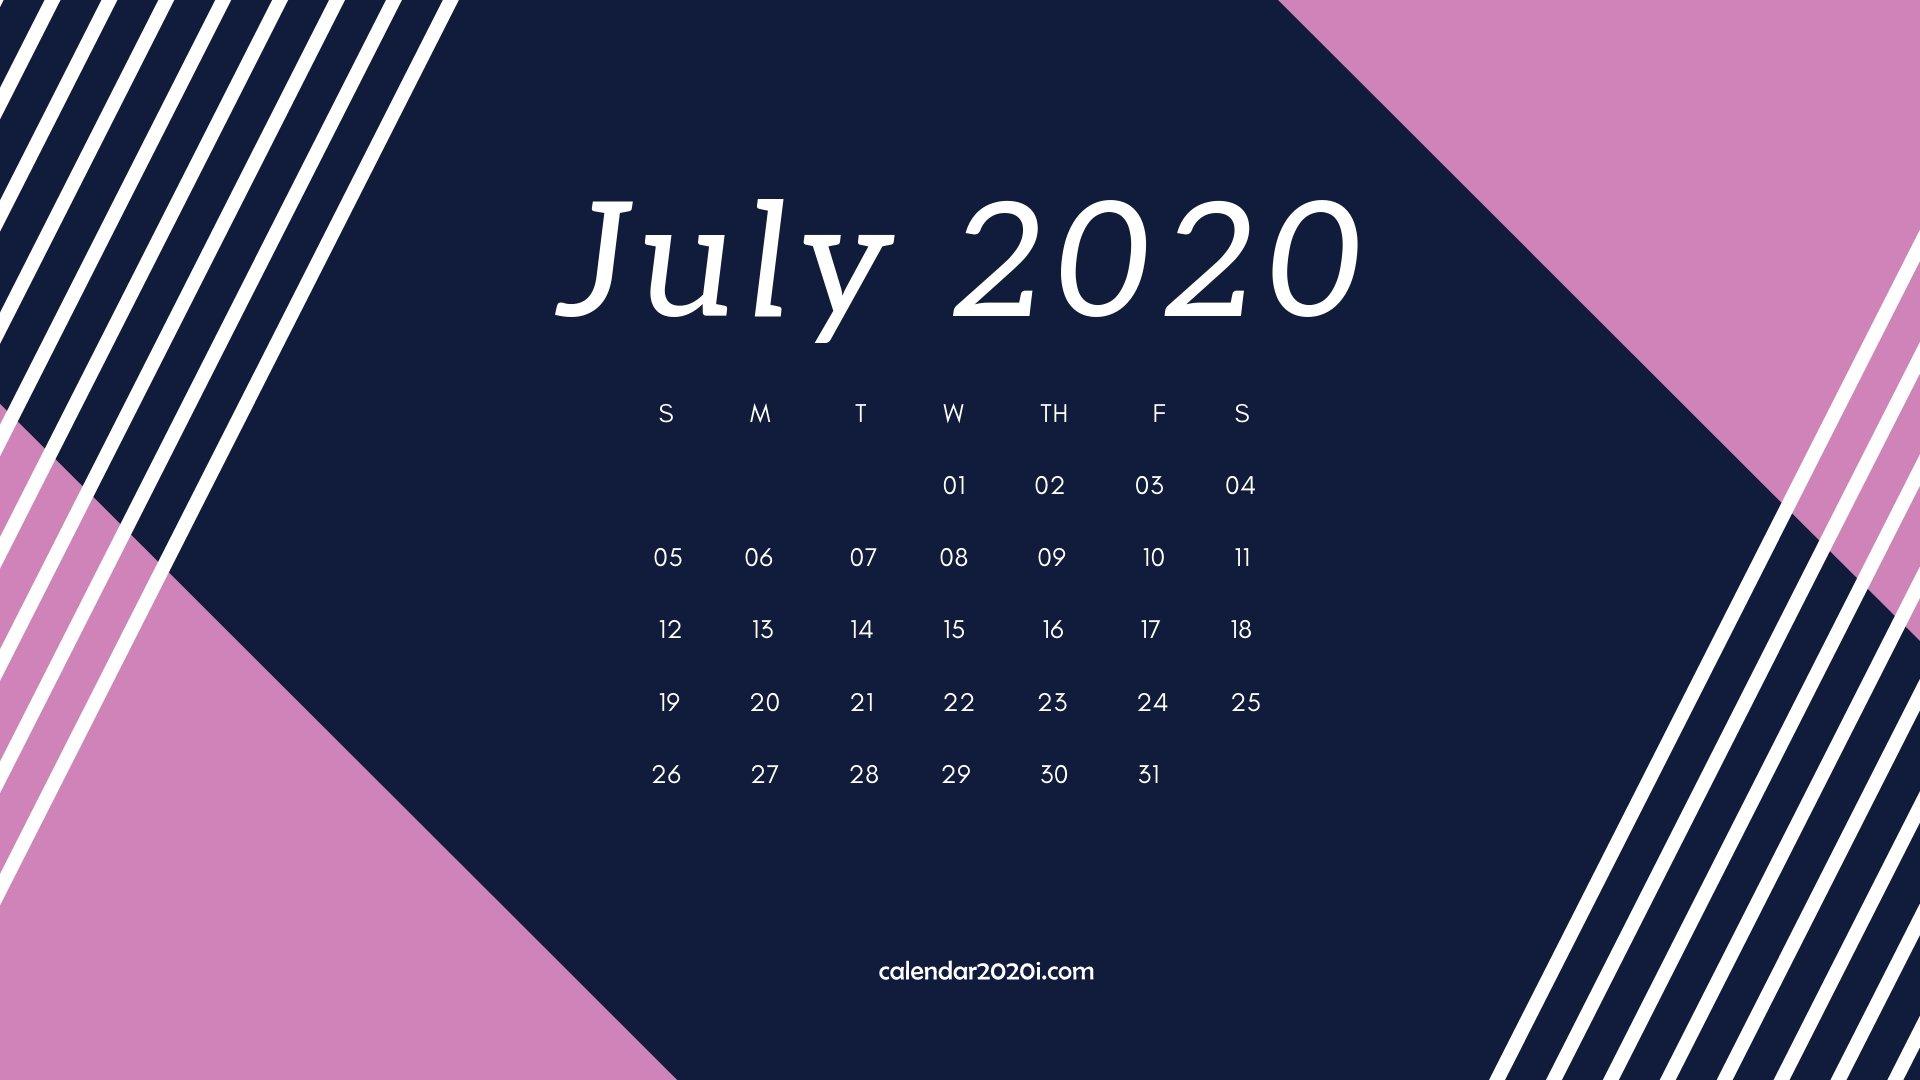 July 2020 Calendar Desktop Wallpaper